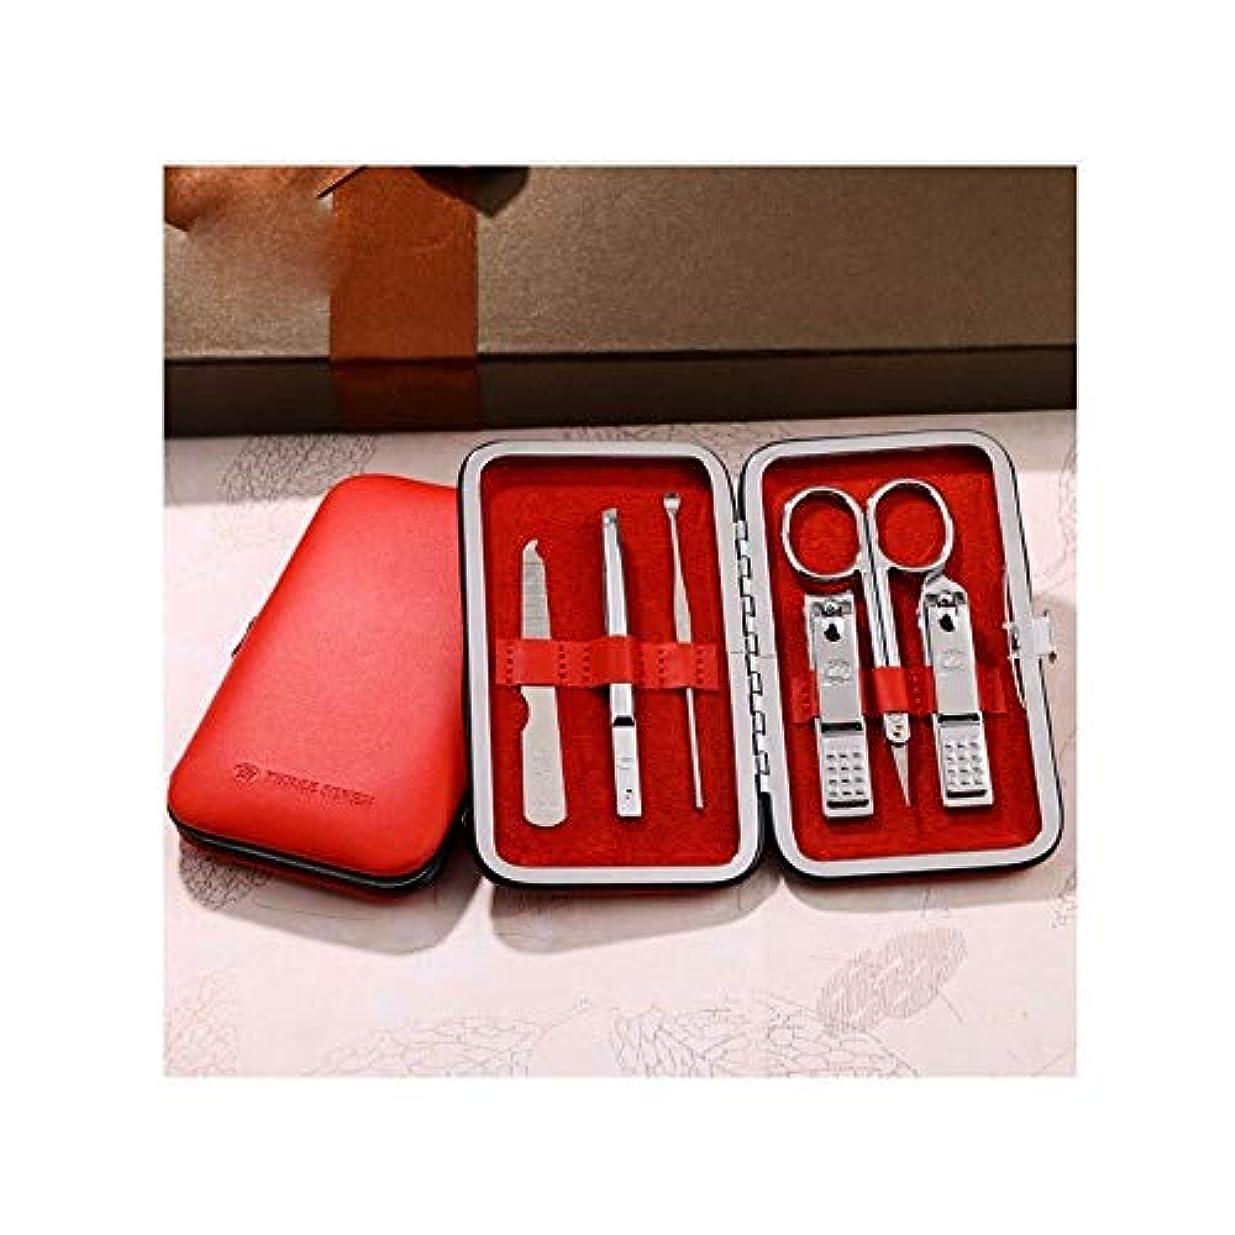 テレビ局スピーカー一人でJIAYIZS ネイルはさみを設定ネイルナイフセットのデコレーションネイルケアツールネイルクリッパーはポータブルファッションセット[赤] 6セットを設定します。 (Color : Red)